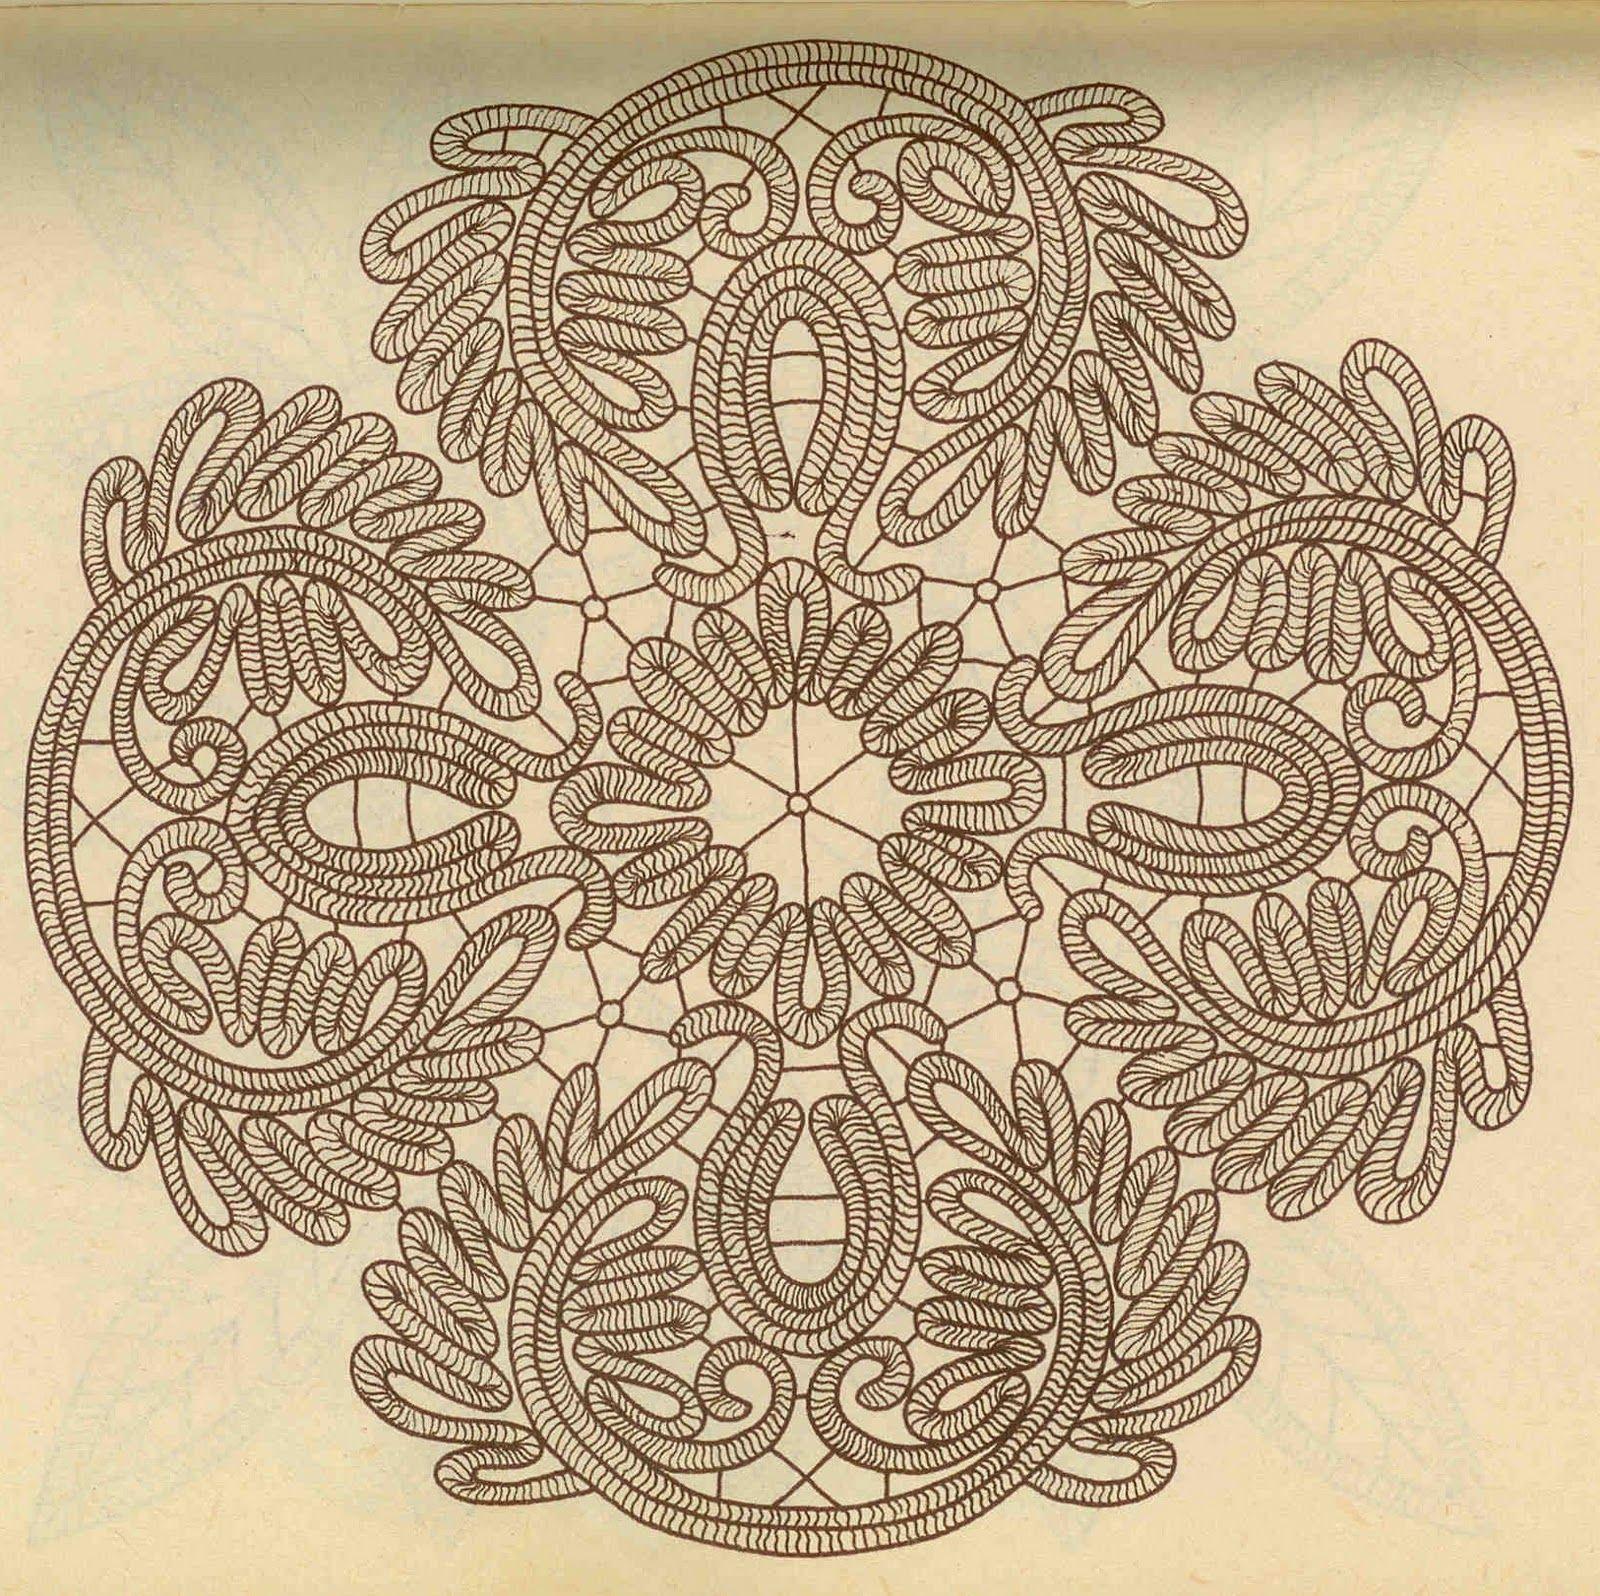 румынское кружево схемы - 10